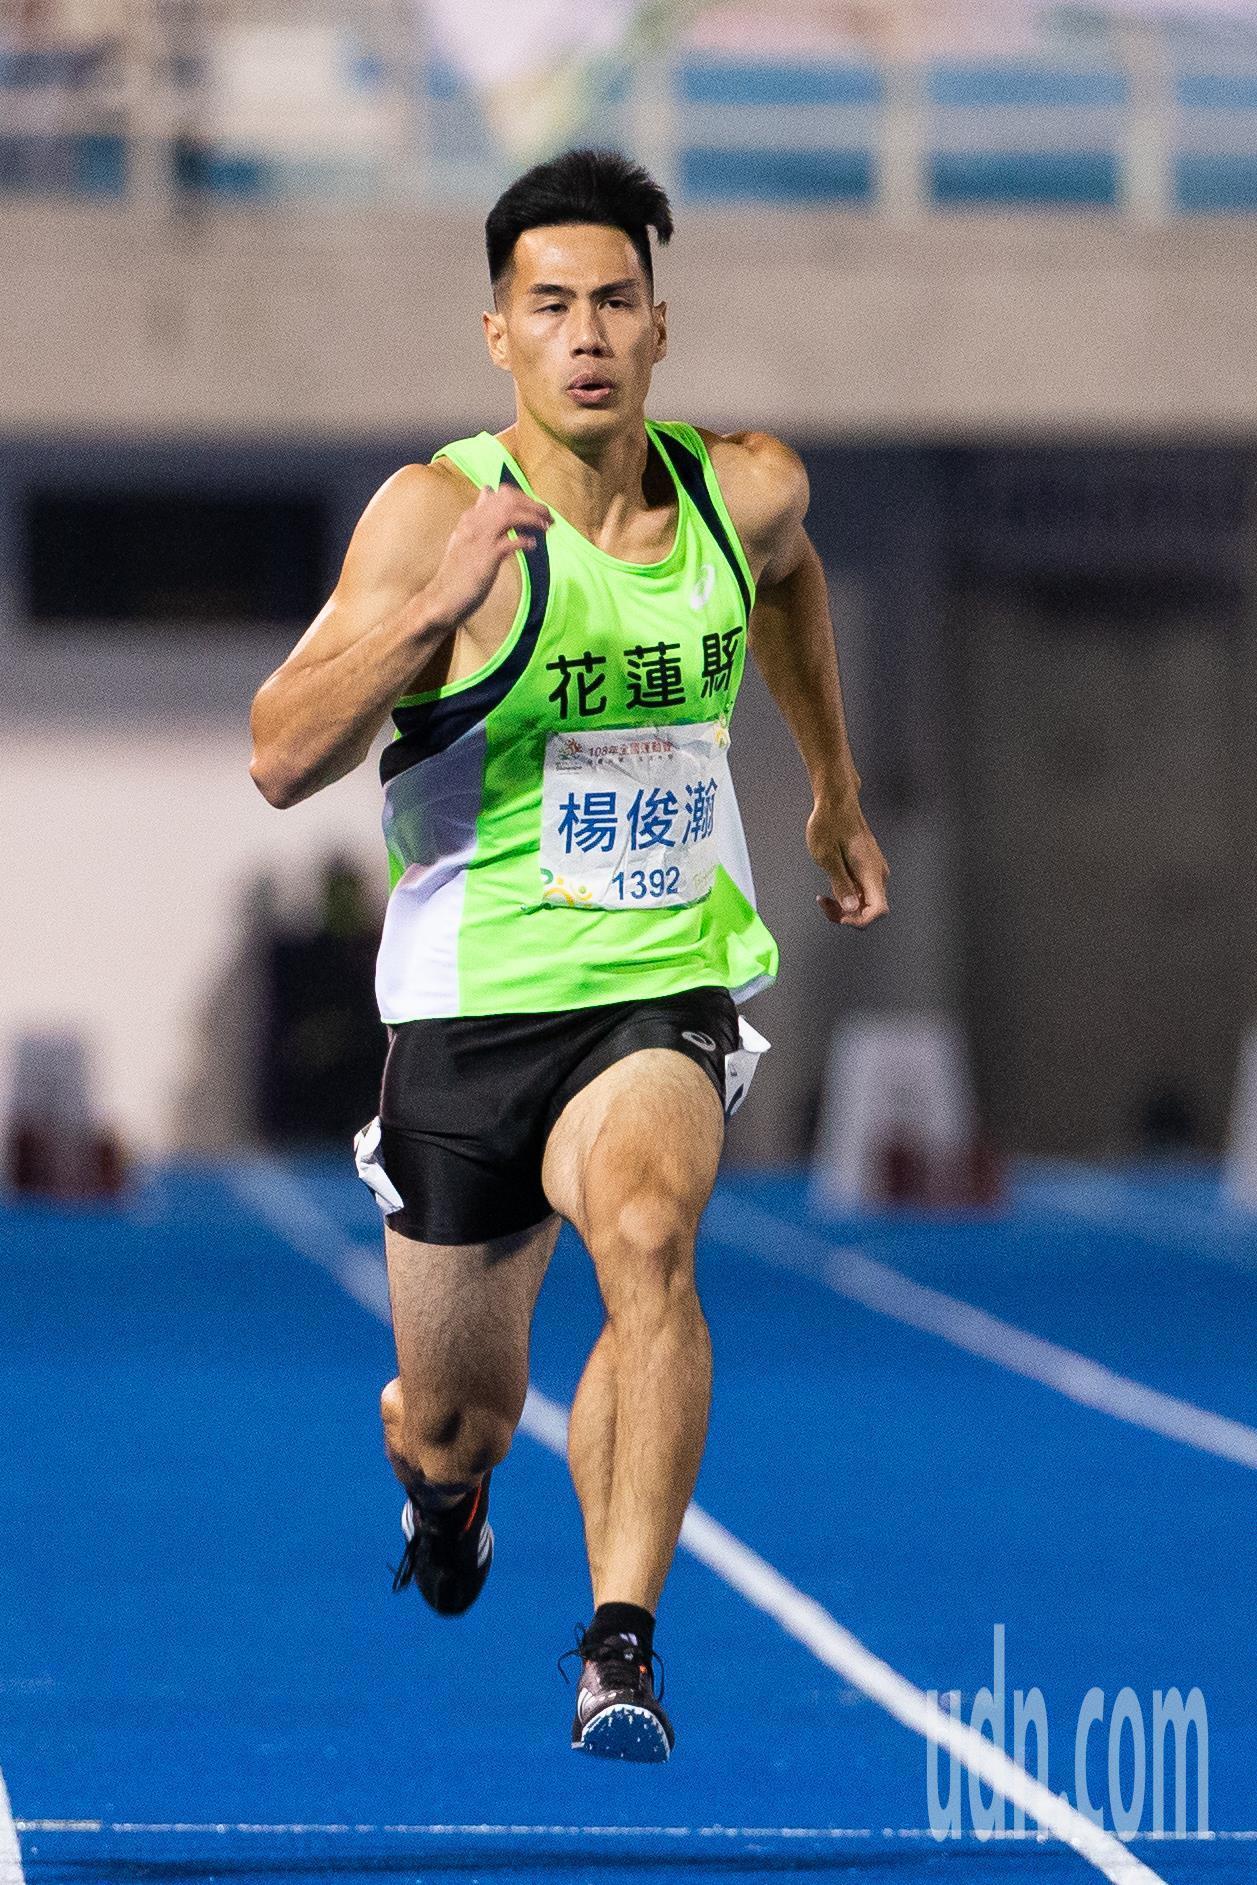 108全運會田徑男子100公尺決賽,楊俊瀚以10秒33奪得金牌。記者季相儒/攝影